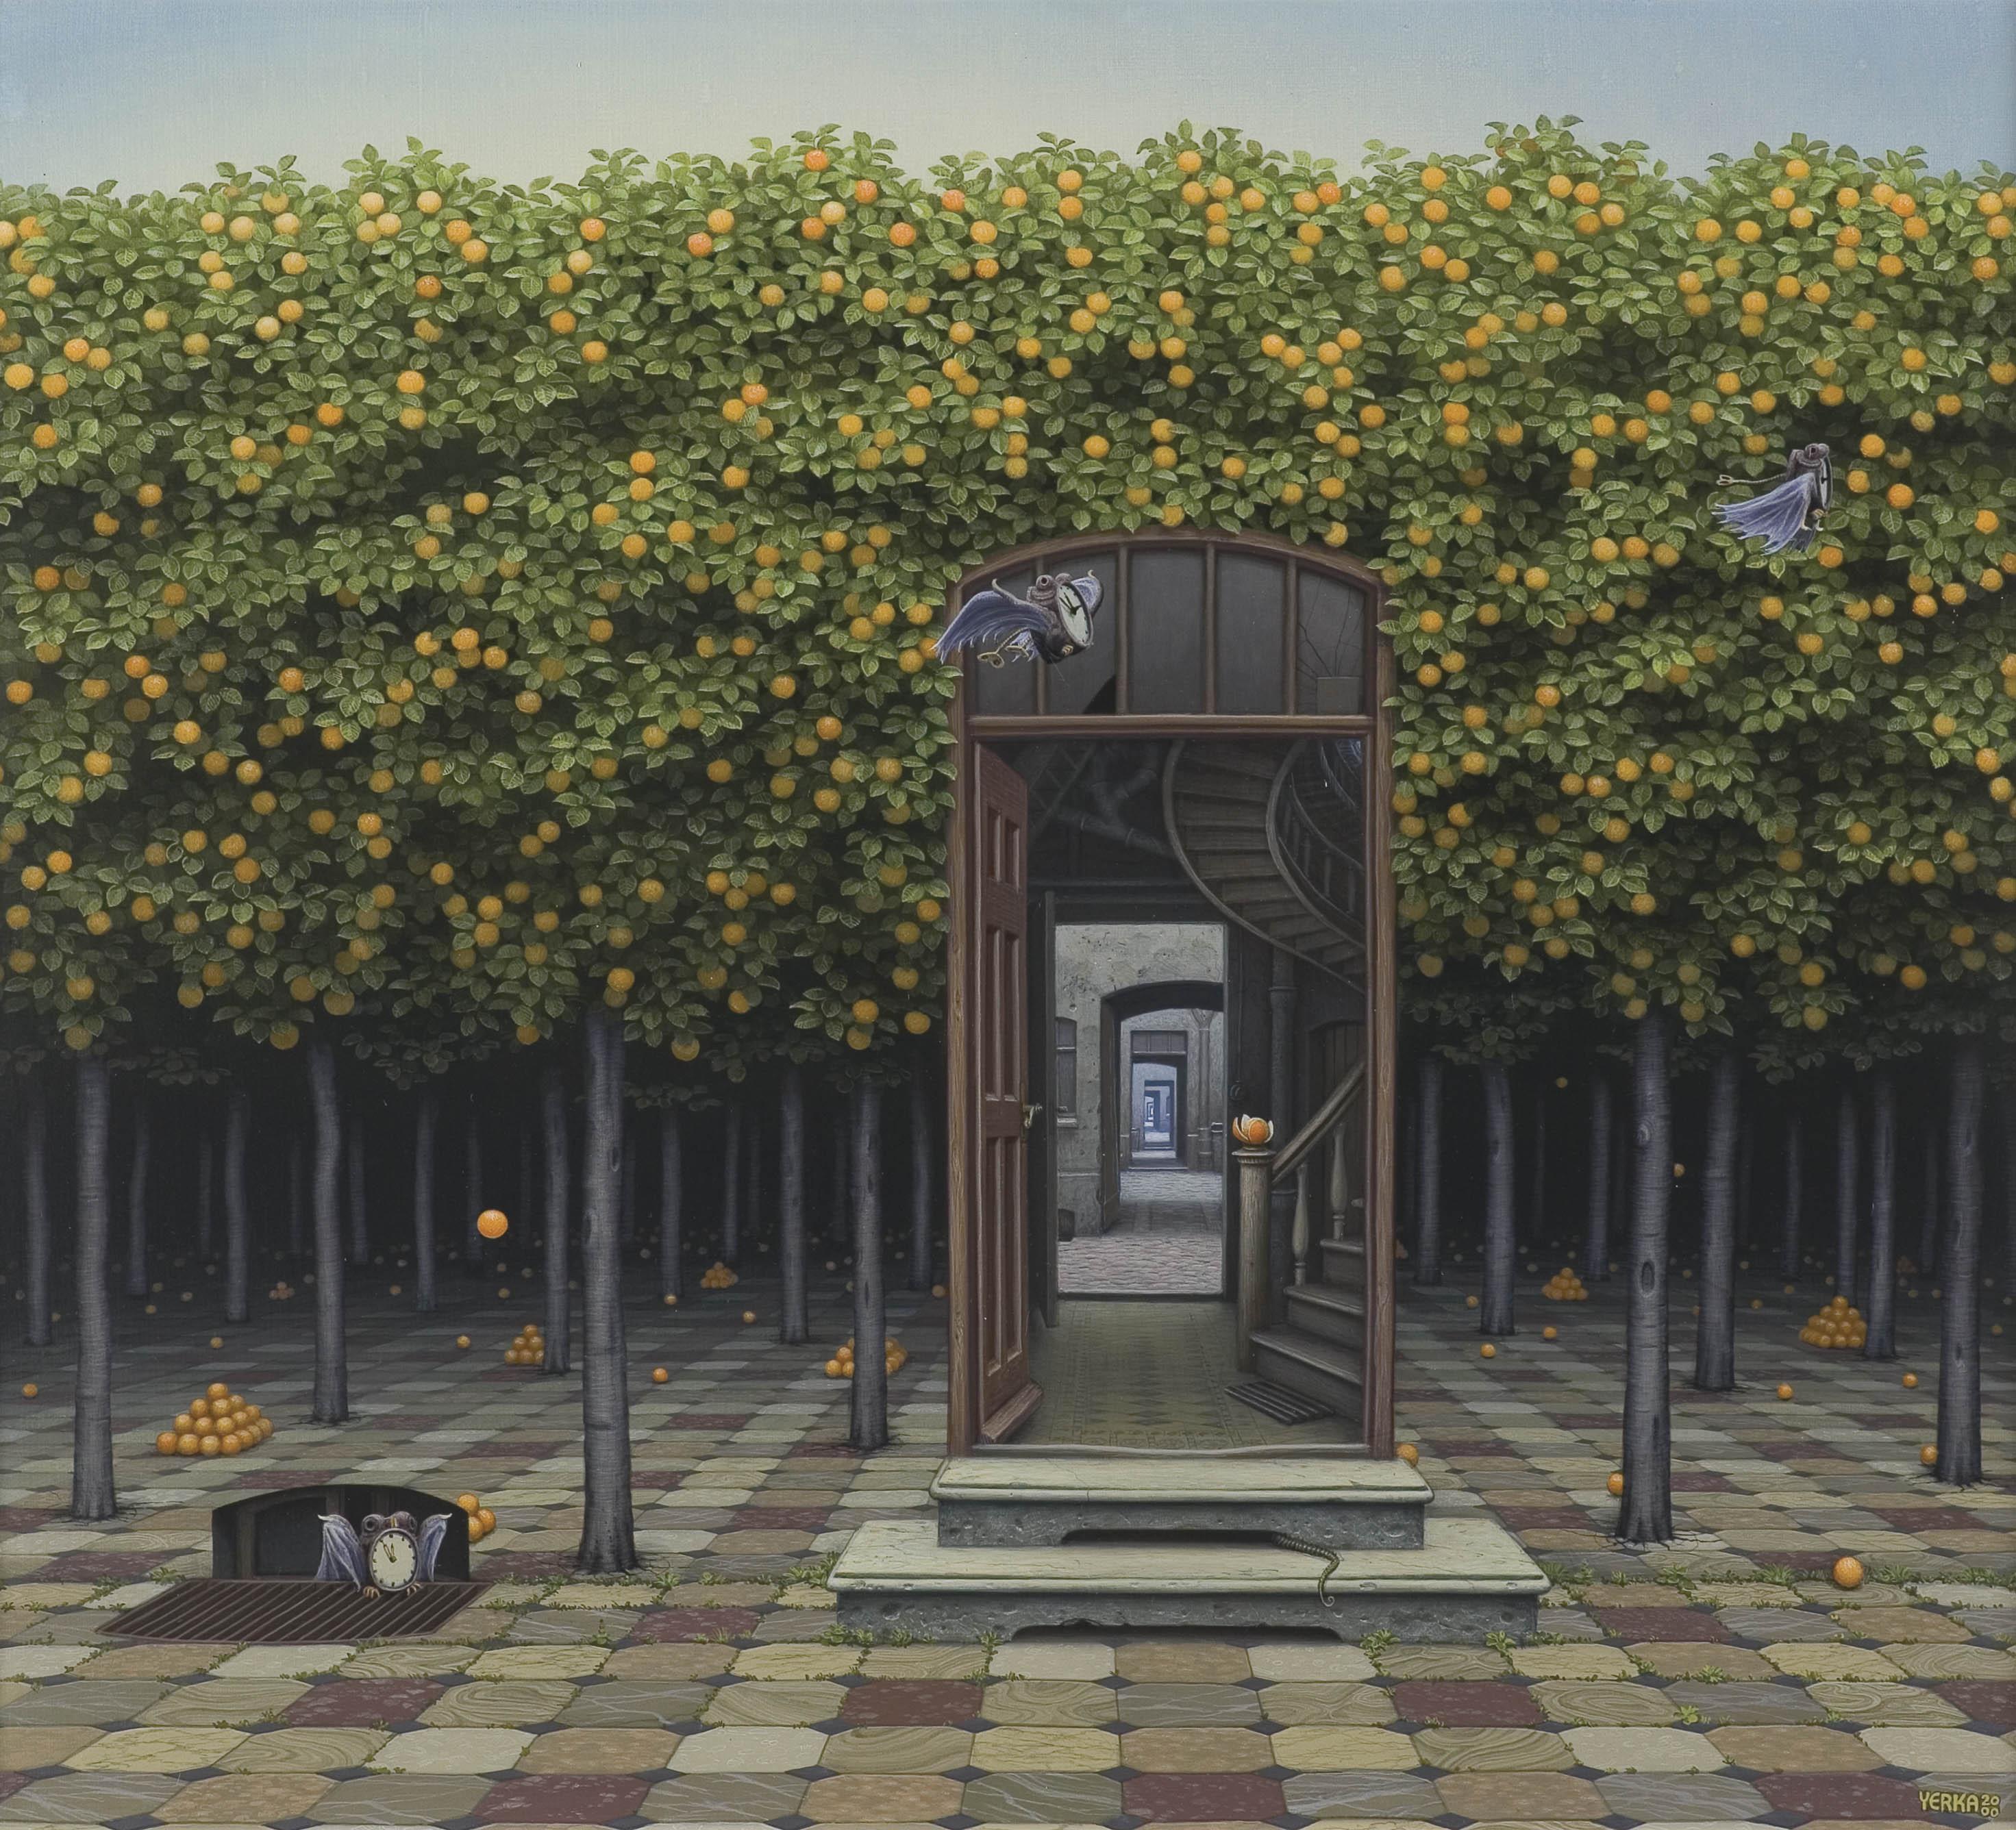 ZAPACH POMARAŃCZY, 2000 (inny tytuł: Gaj pomarańczowy)